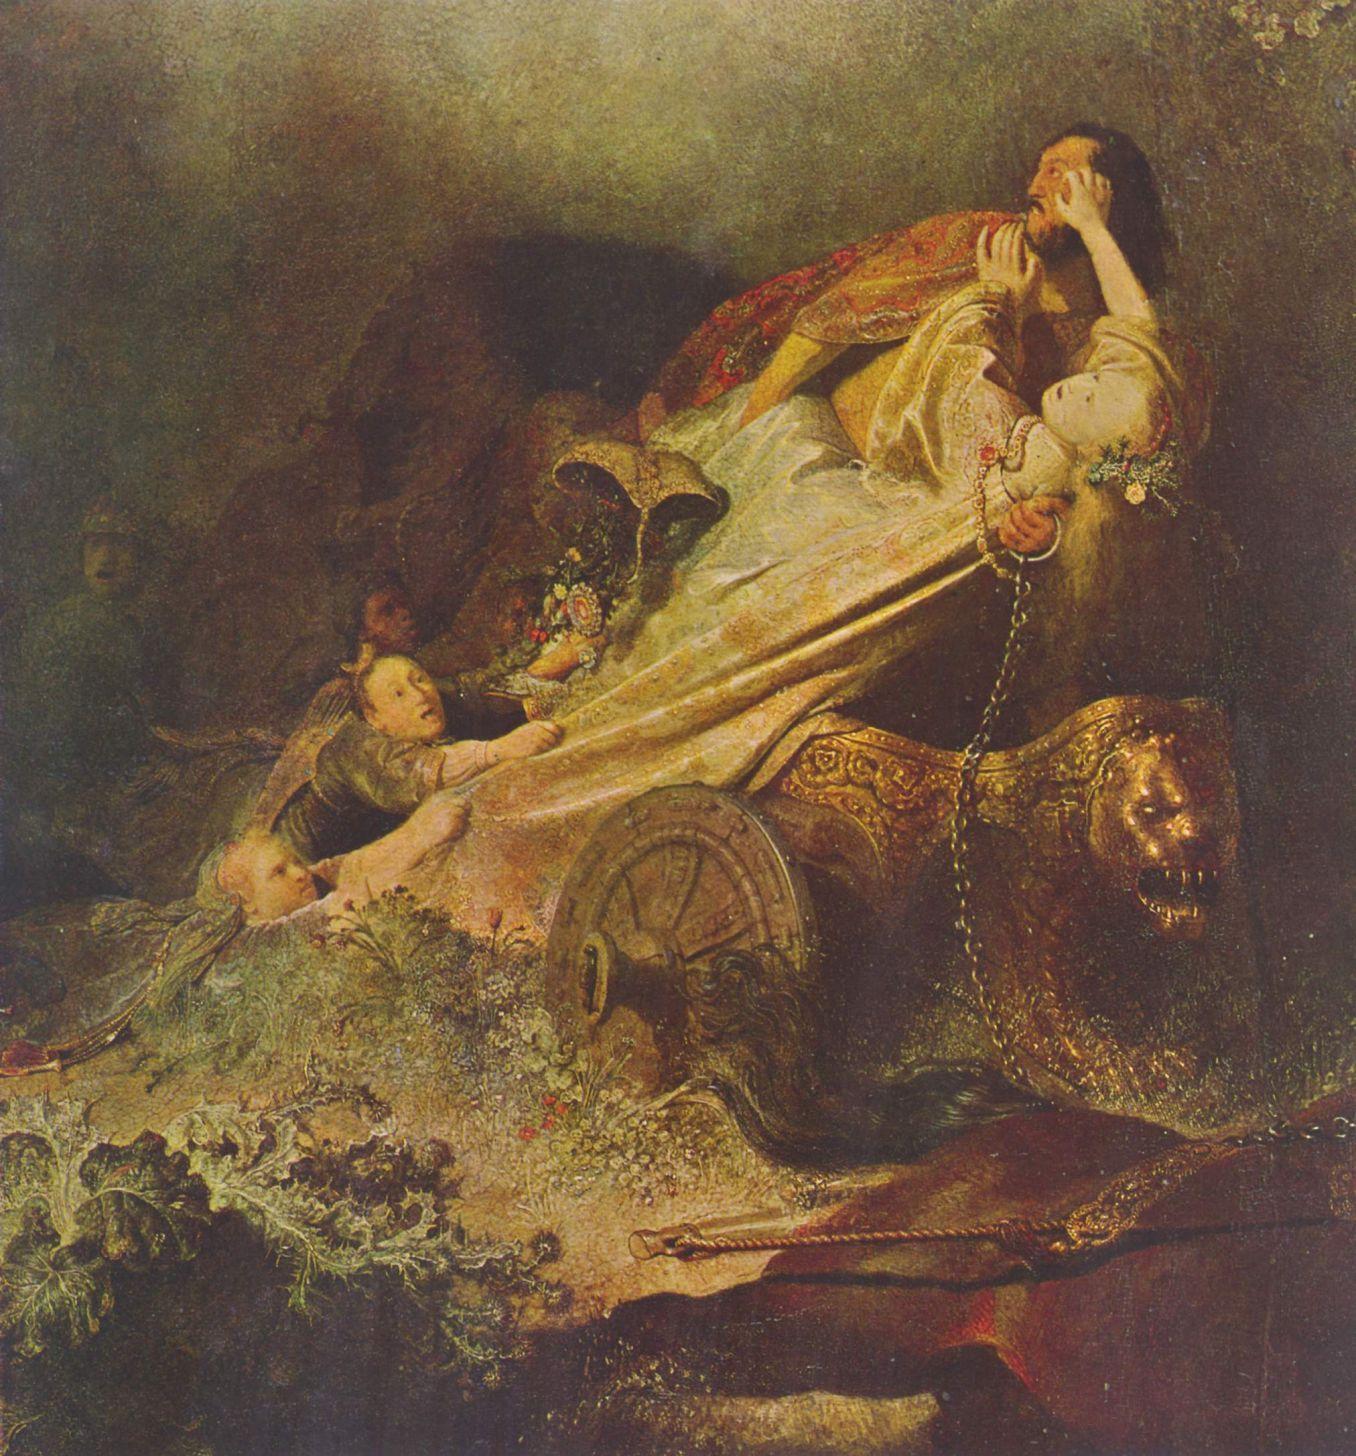 Рембрандт-Харменс-ван-Рейн-Похищение-Прозерпины-Около-1632.jpg